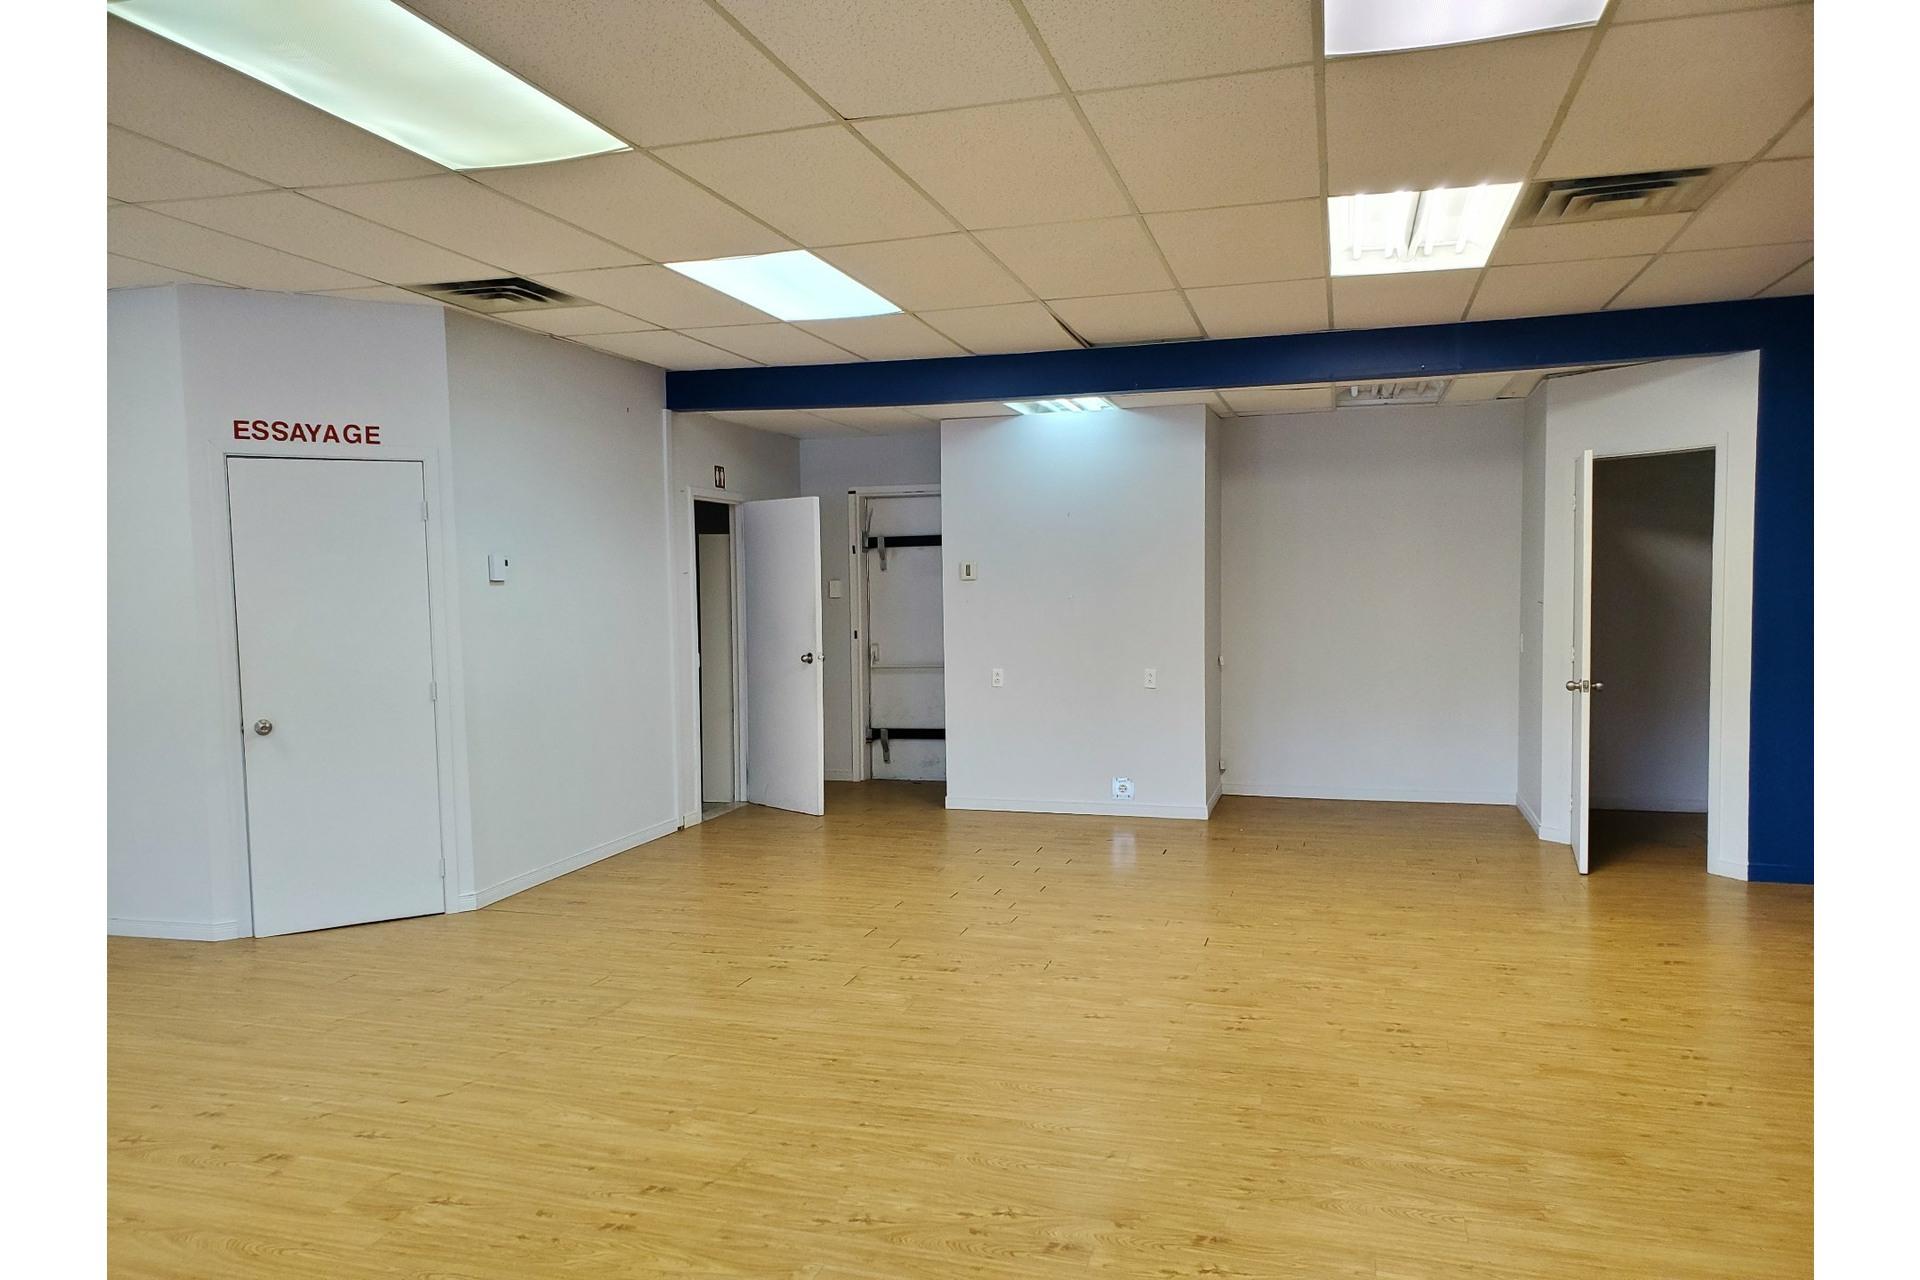 image 9 - Office For rent Sainte-Adèle